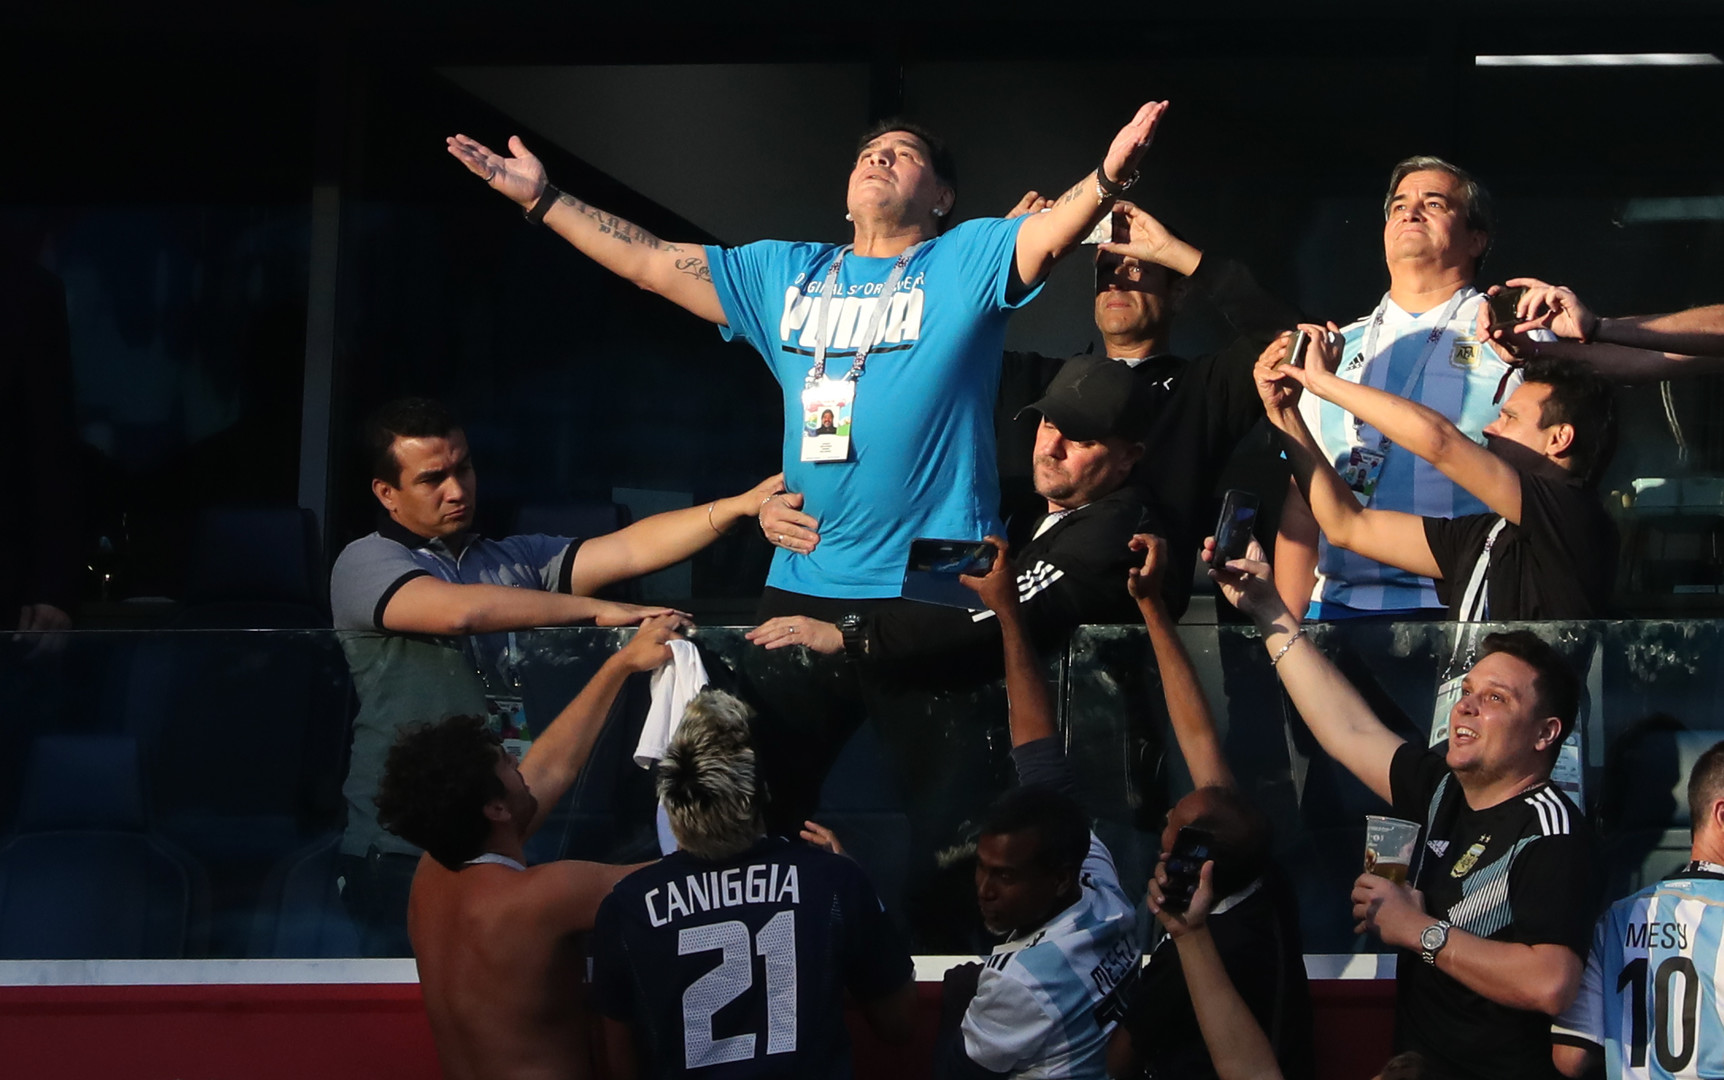 Spiel gegen Nigeria: Argentiniens Sieg Minuten vor Schluss und Maradona-Show auf der Tribüne